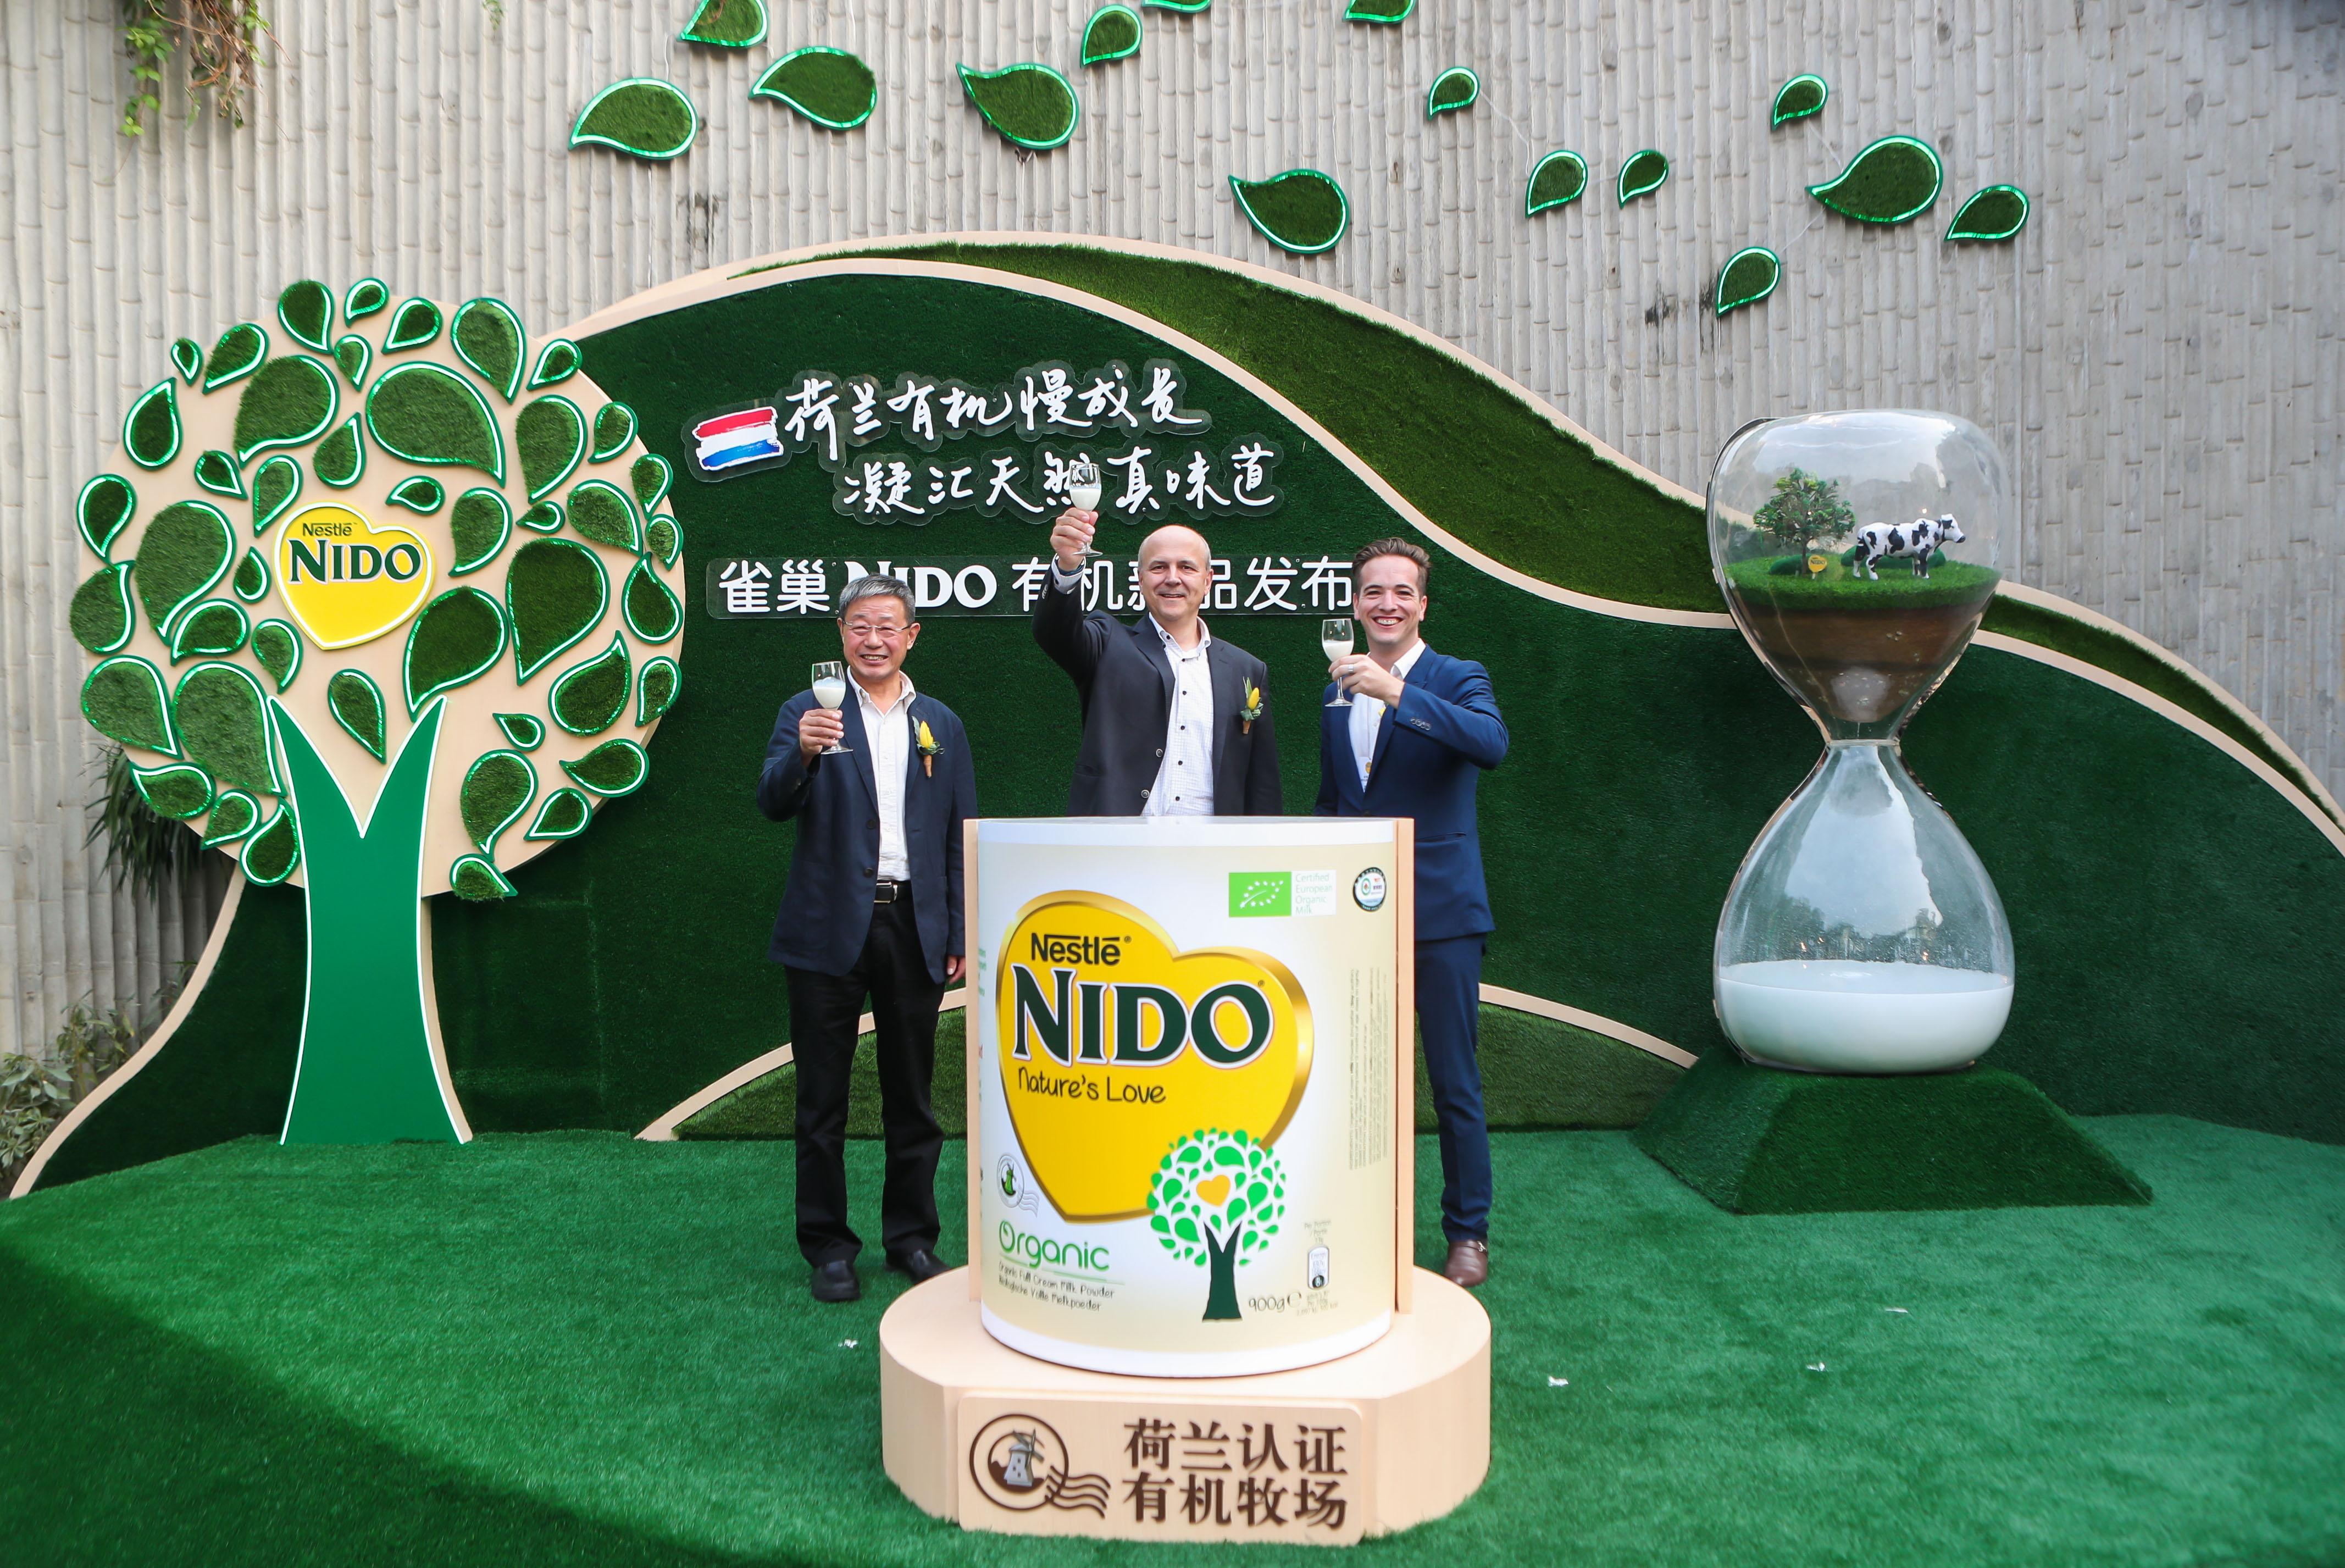 雀巢NIDO有机全脂奶粉正式上市!